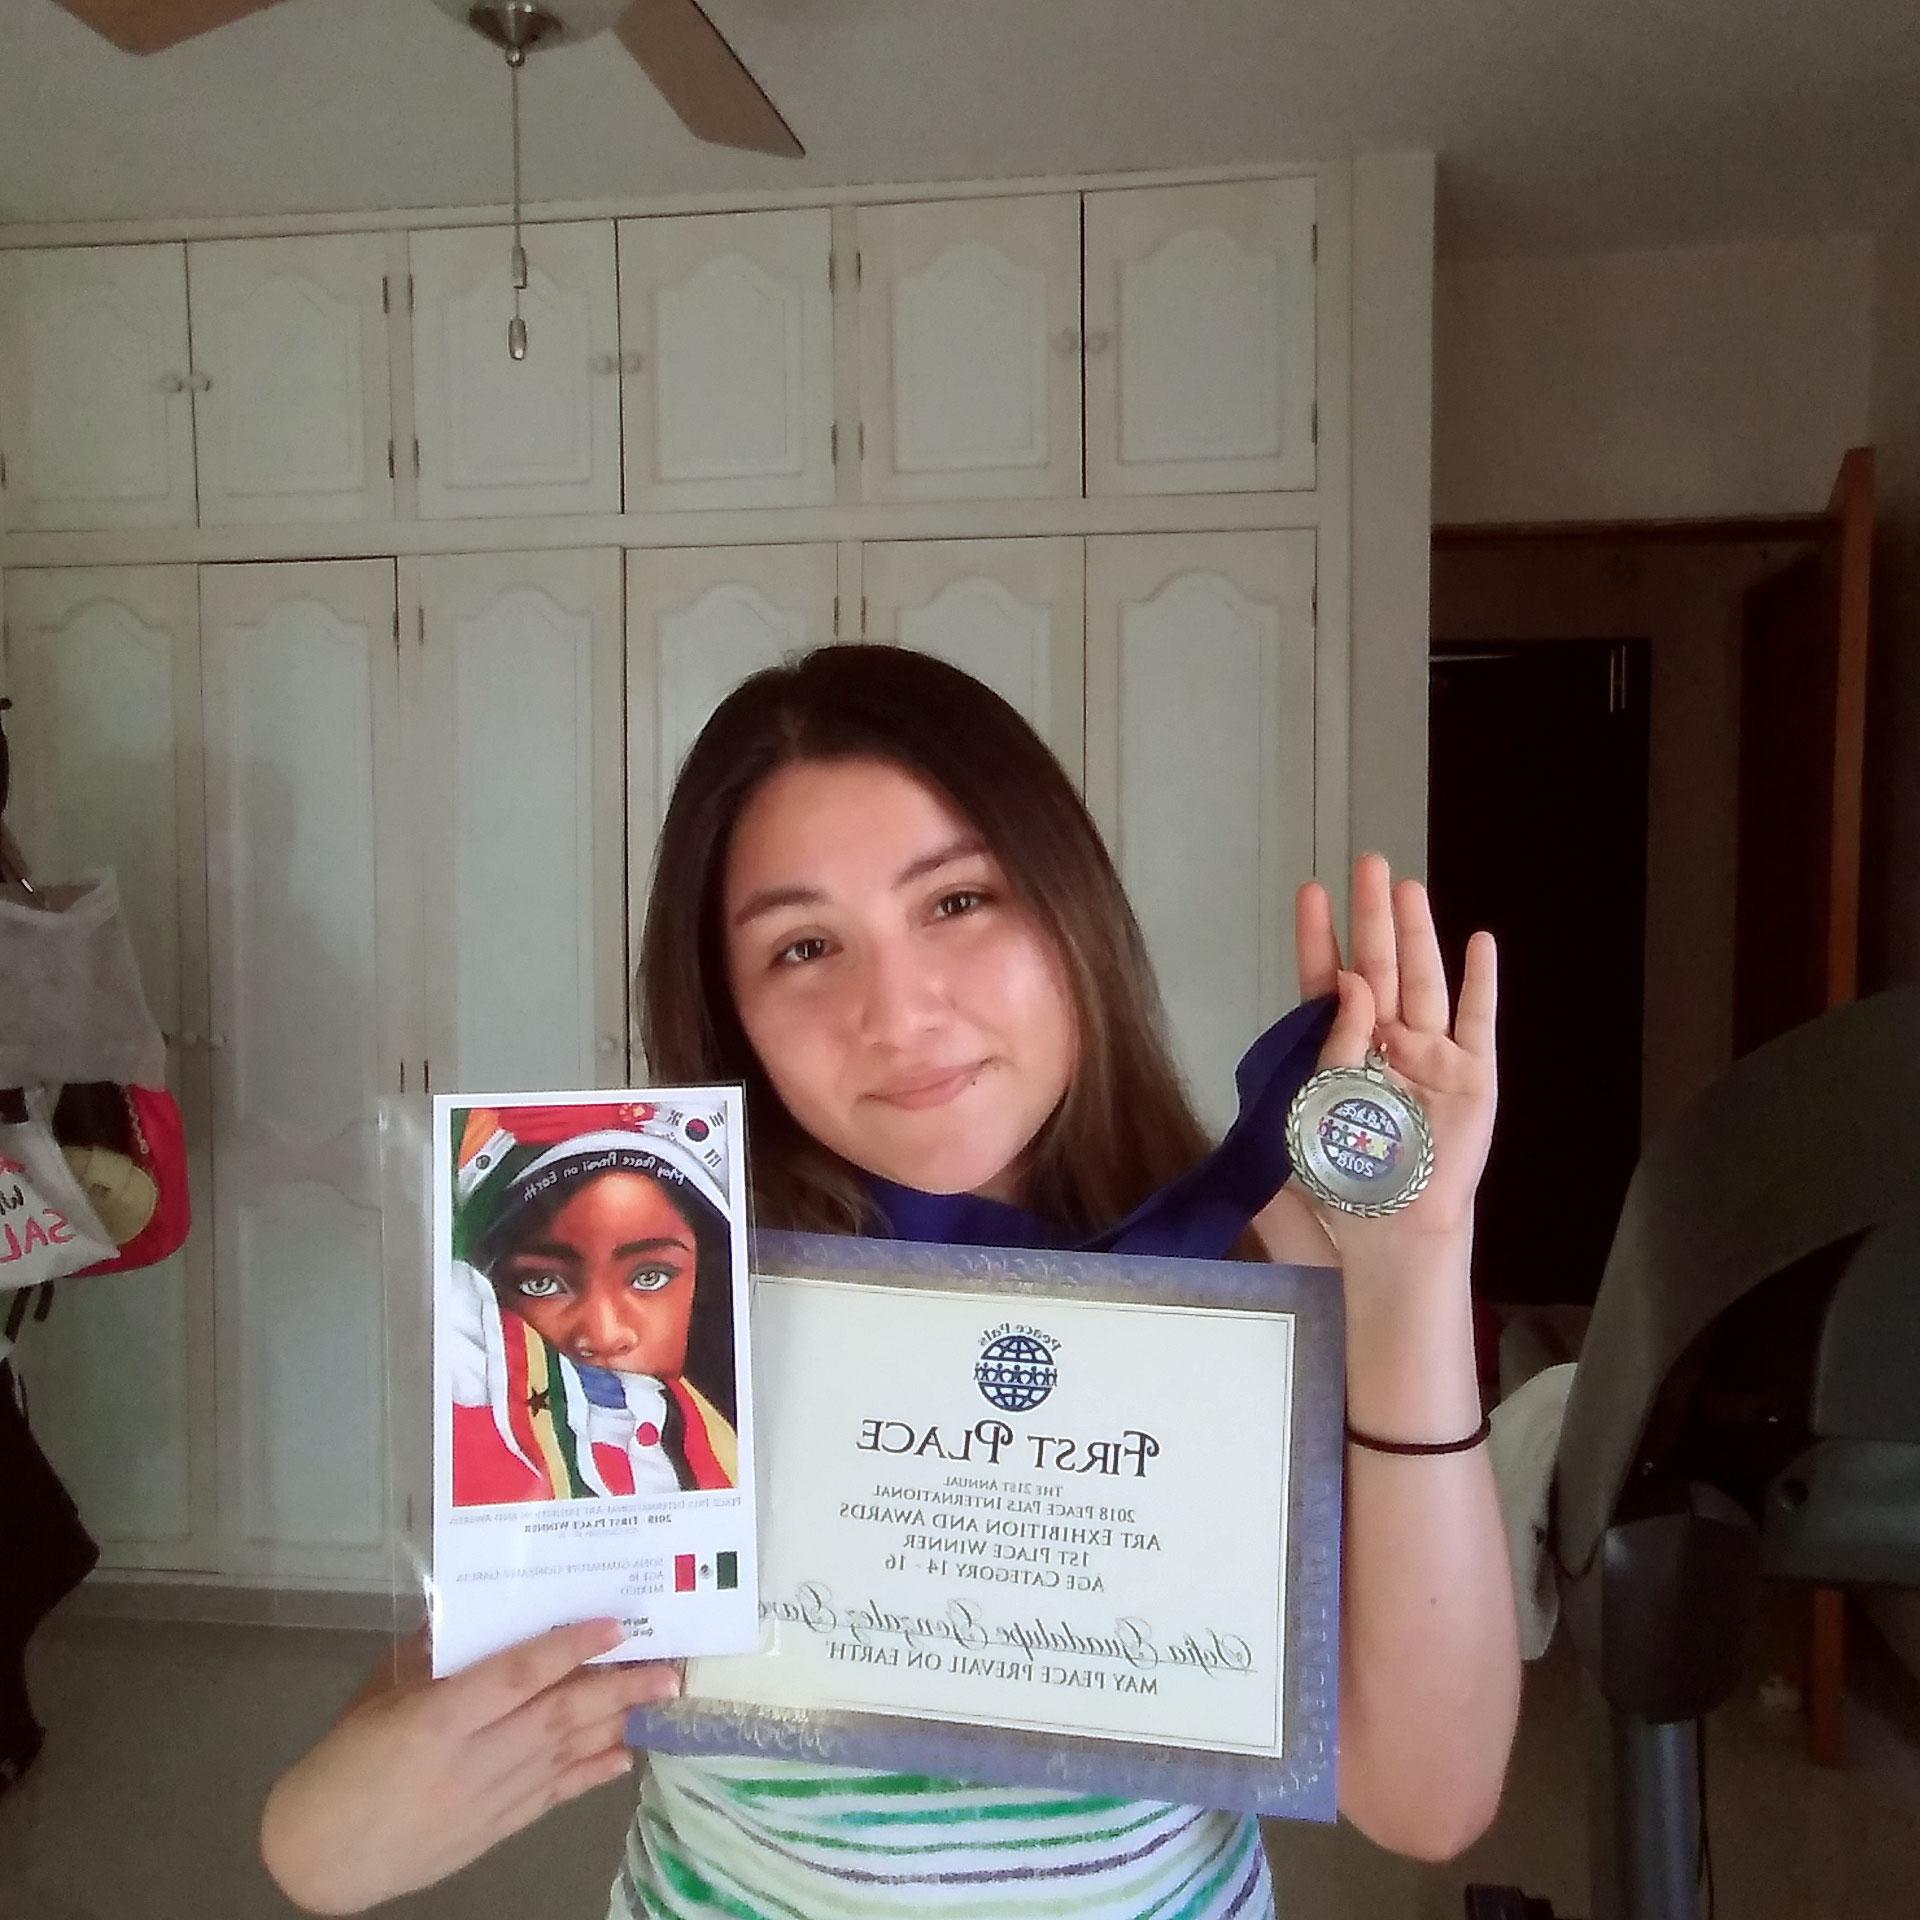 Sofia Guadeloupe Gonzalez Garcia - Mexico -